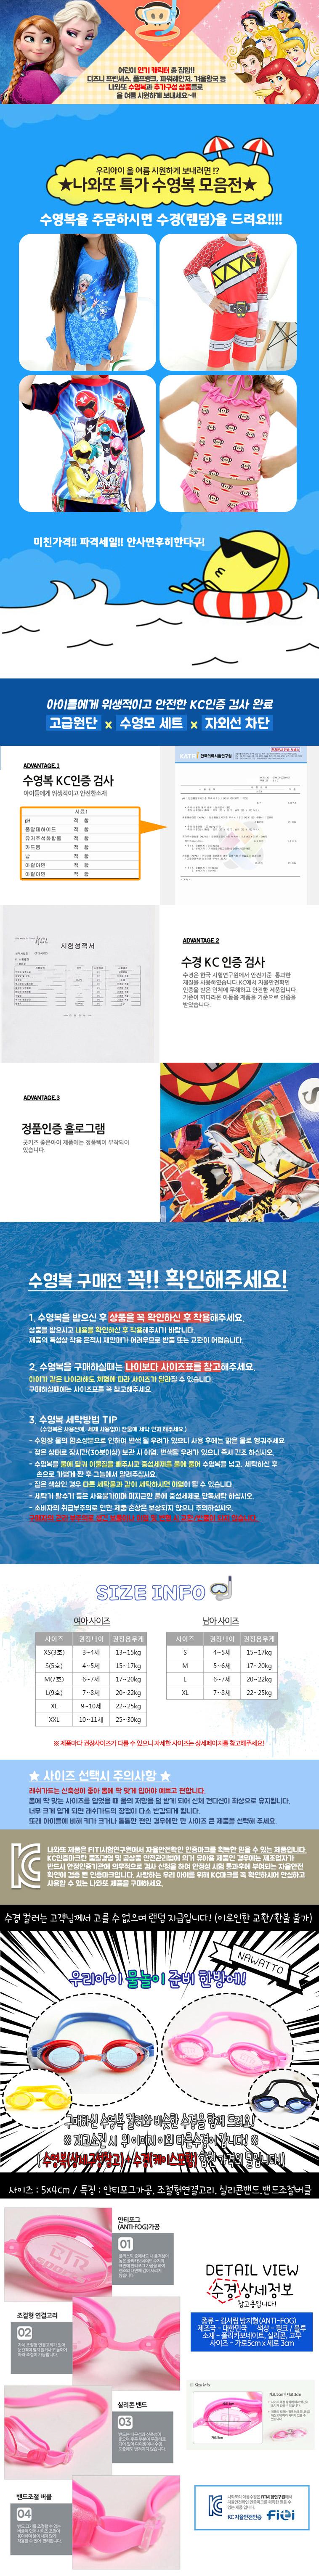 파워레인저 엔진코스튬 아동 주니어 수영복_수경세트 - 나와또, 10,900원, 시즌/이벤트의류잡화, 수영복